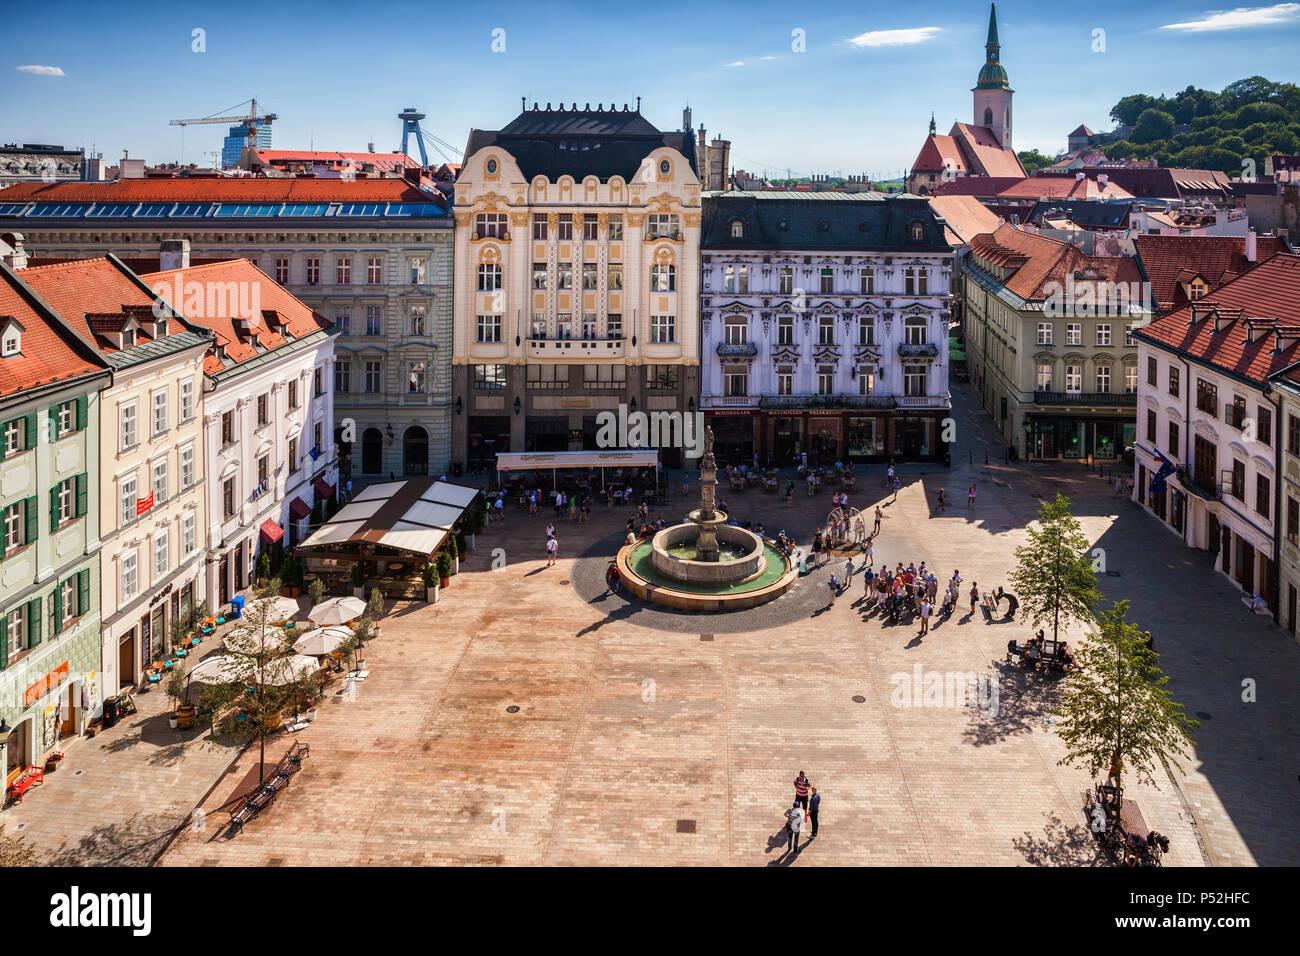 City of Bratislava Old Town Main Market Square (Hlavne namestie) in Slovakia - Stock Image